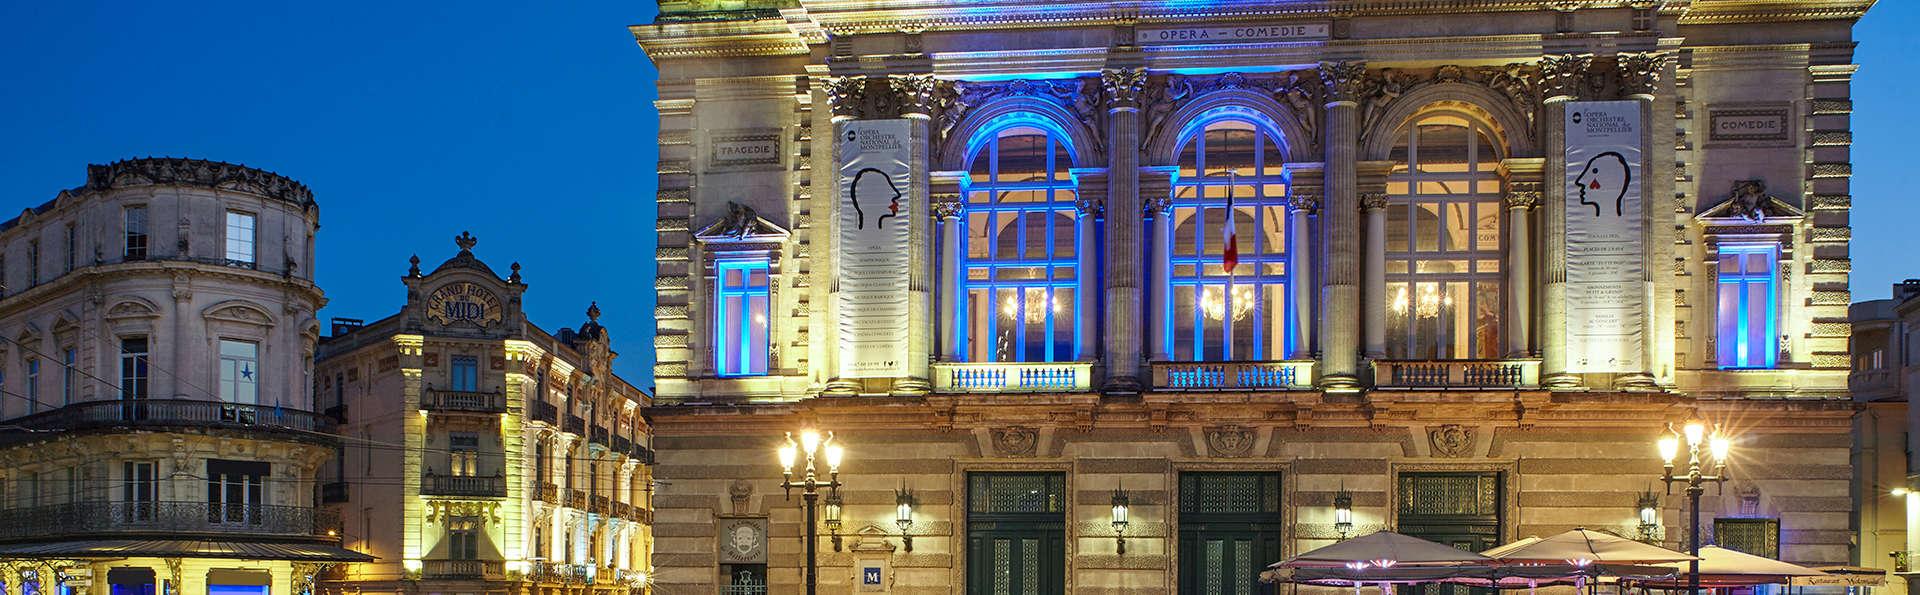 Week-end au coeur du centre historique de Montpellier